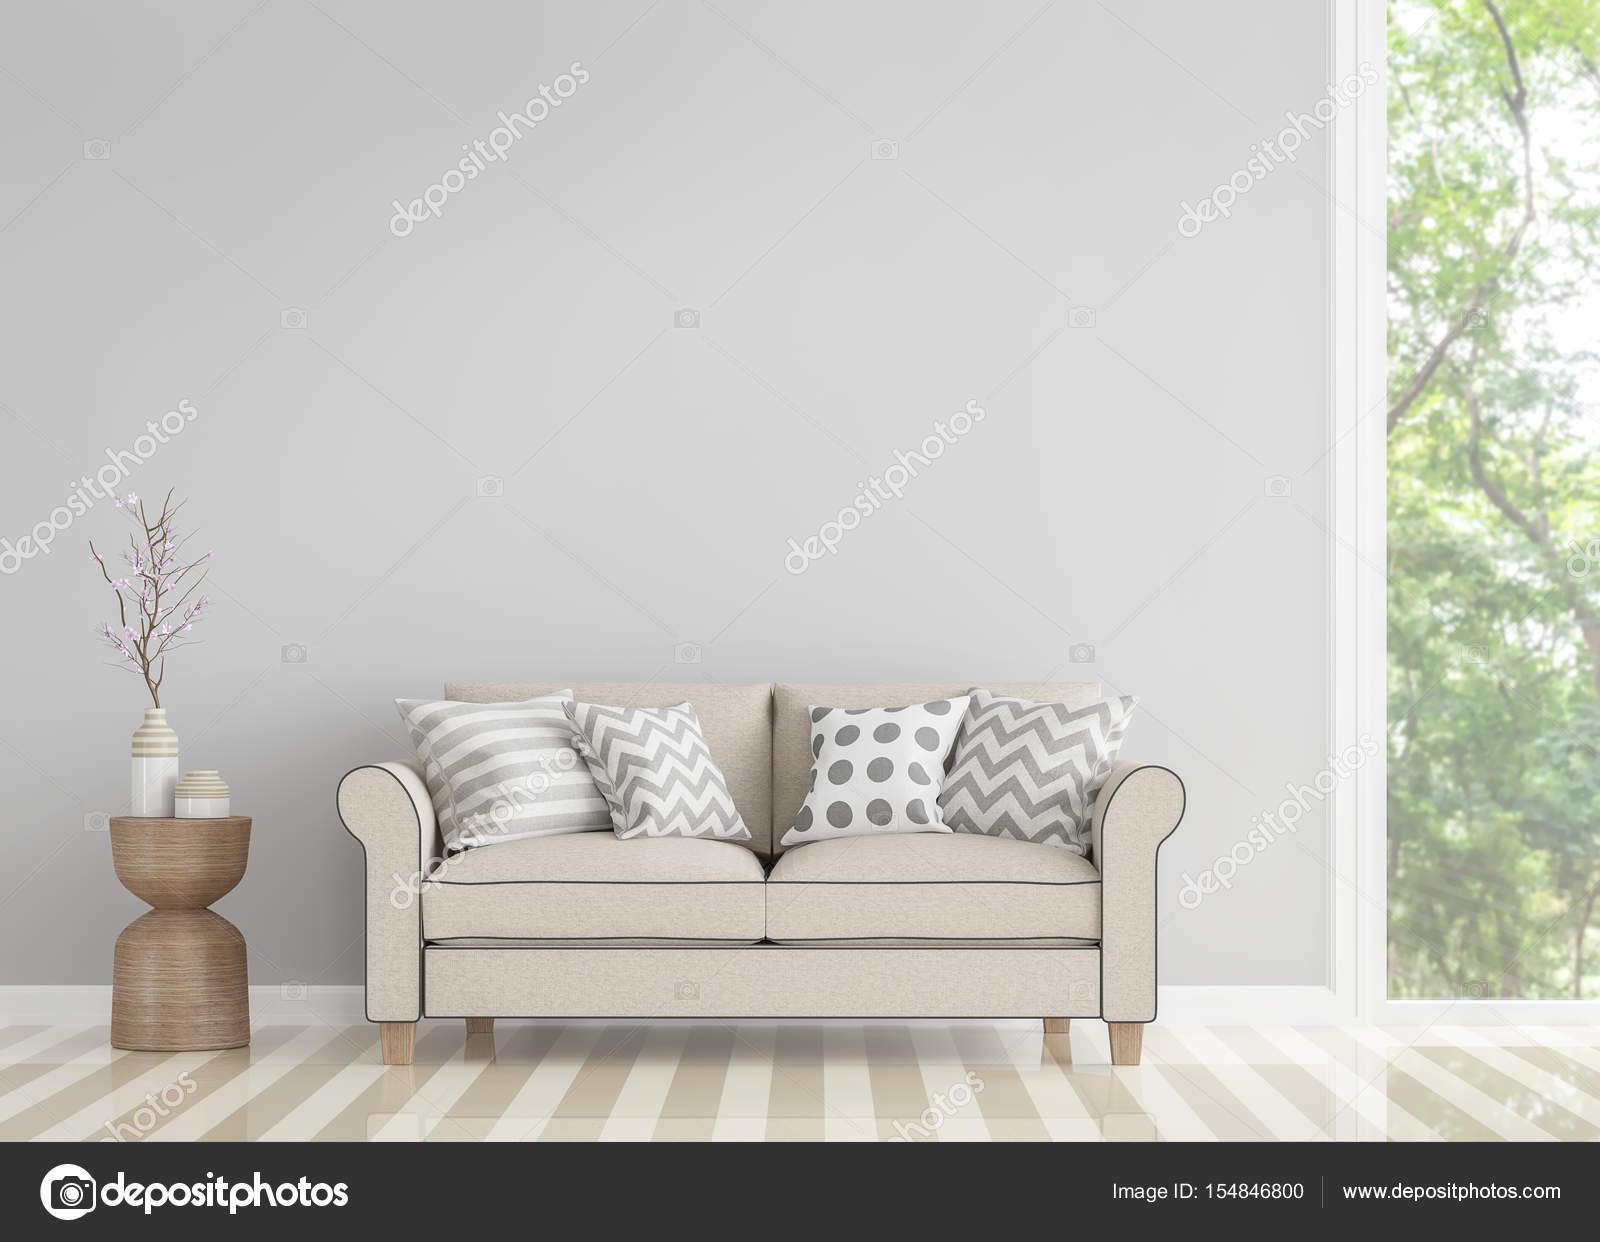 Moderne Vintage Wohnzimmer 3D-Bild rendern — Stockfoto ...